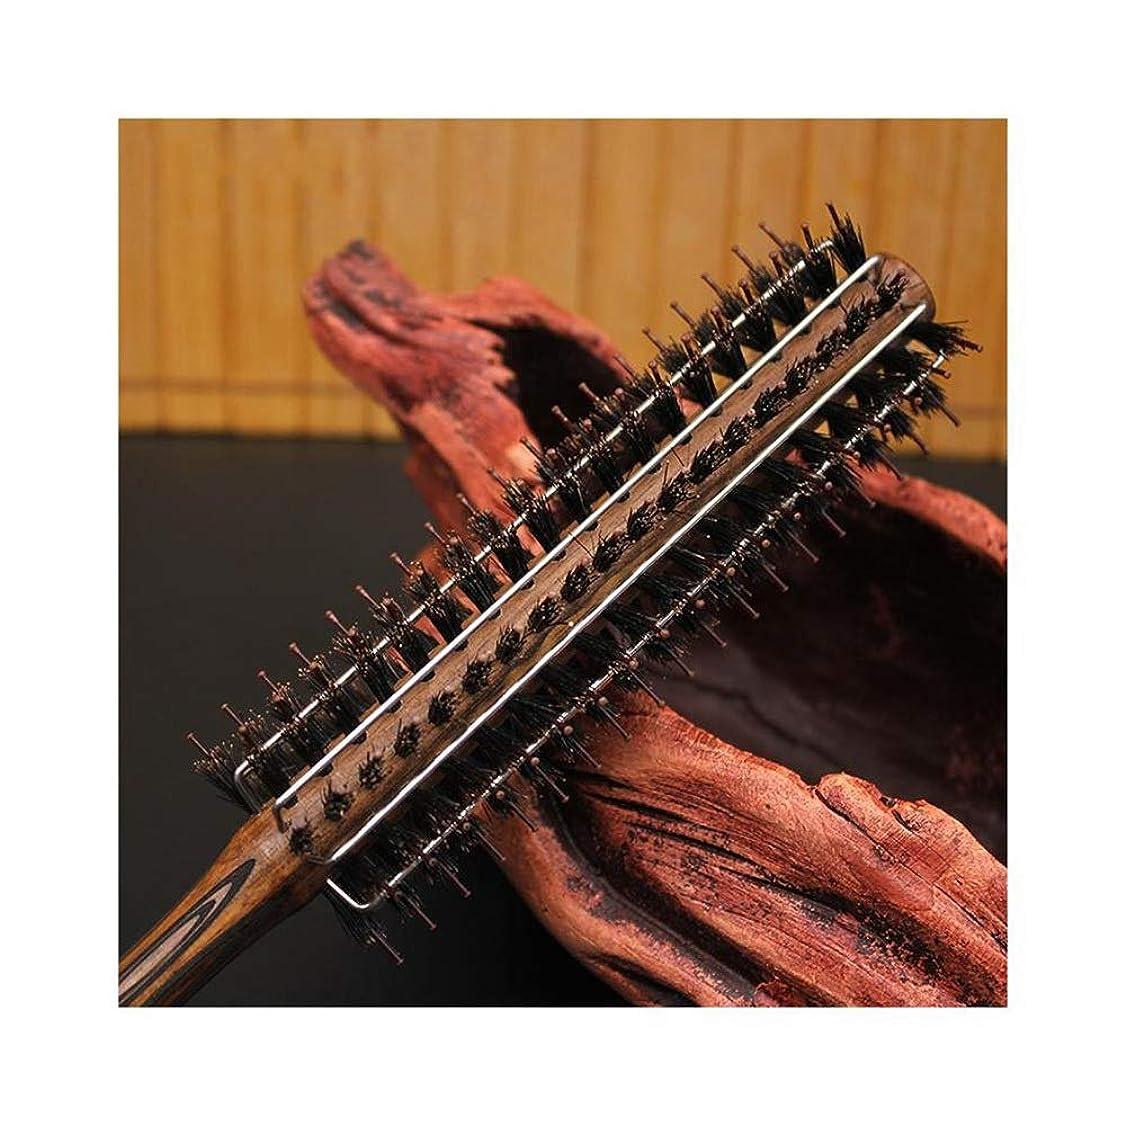 入り口服登るHazbune 女性のためのカーリング毛の櫛ワイヤー豚剛毛のナイロン木製の圧延ブラシ (サイズ : M)